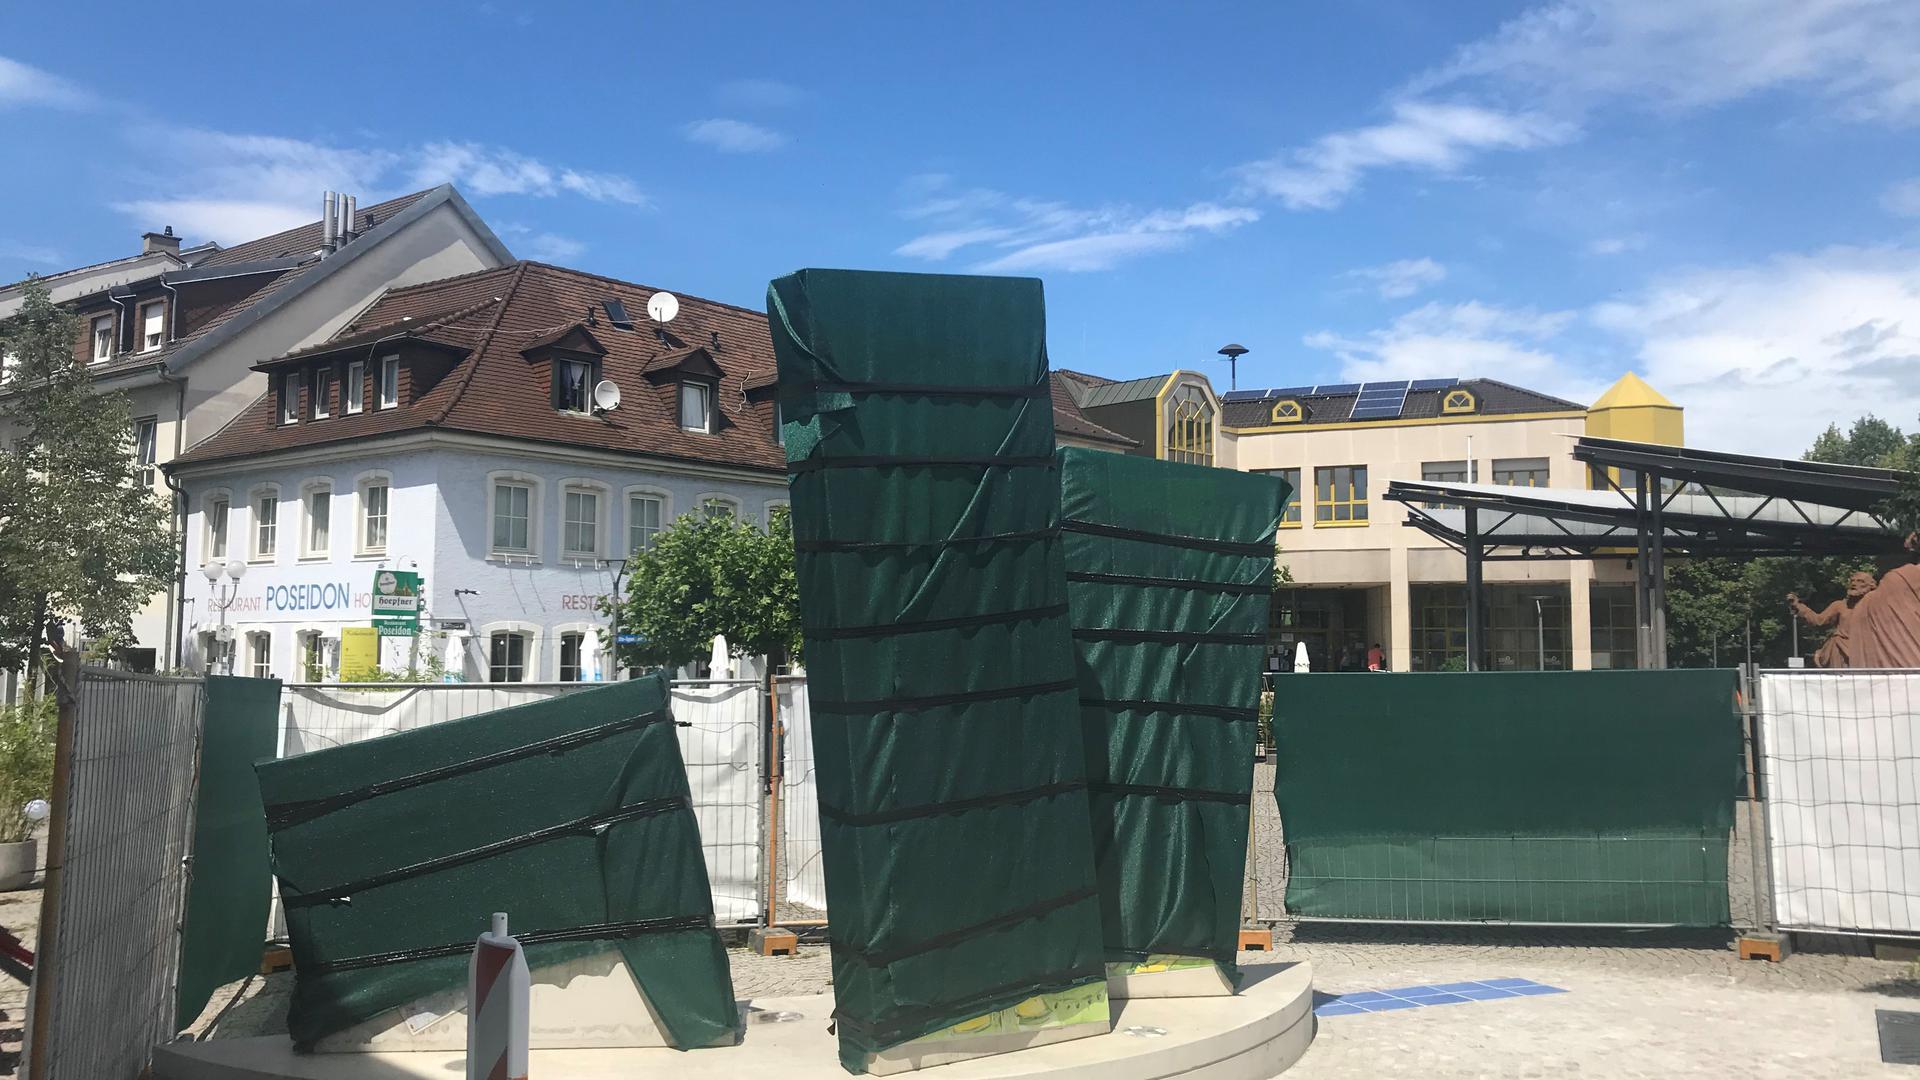 Verhüllte Kunst: Wegen Corona konnte das Graf-Kuno-Kunstwerk am Bruchsaler Kübelmarkt noch immer nicht eingeweiht werden.